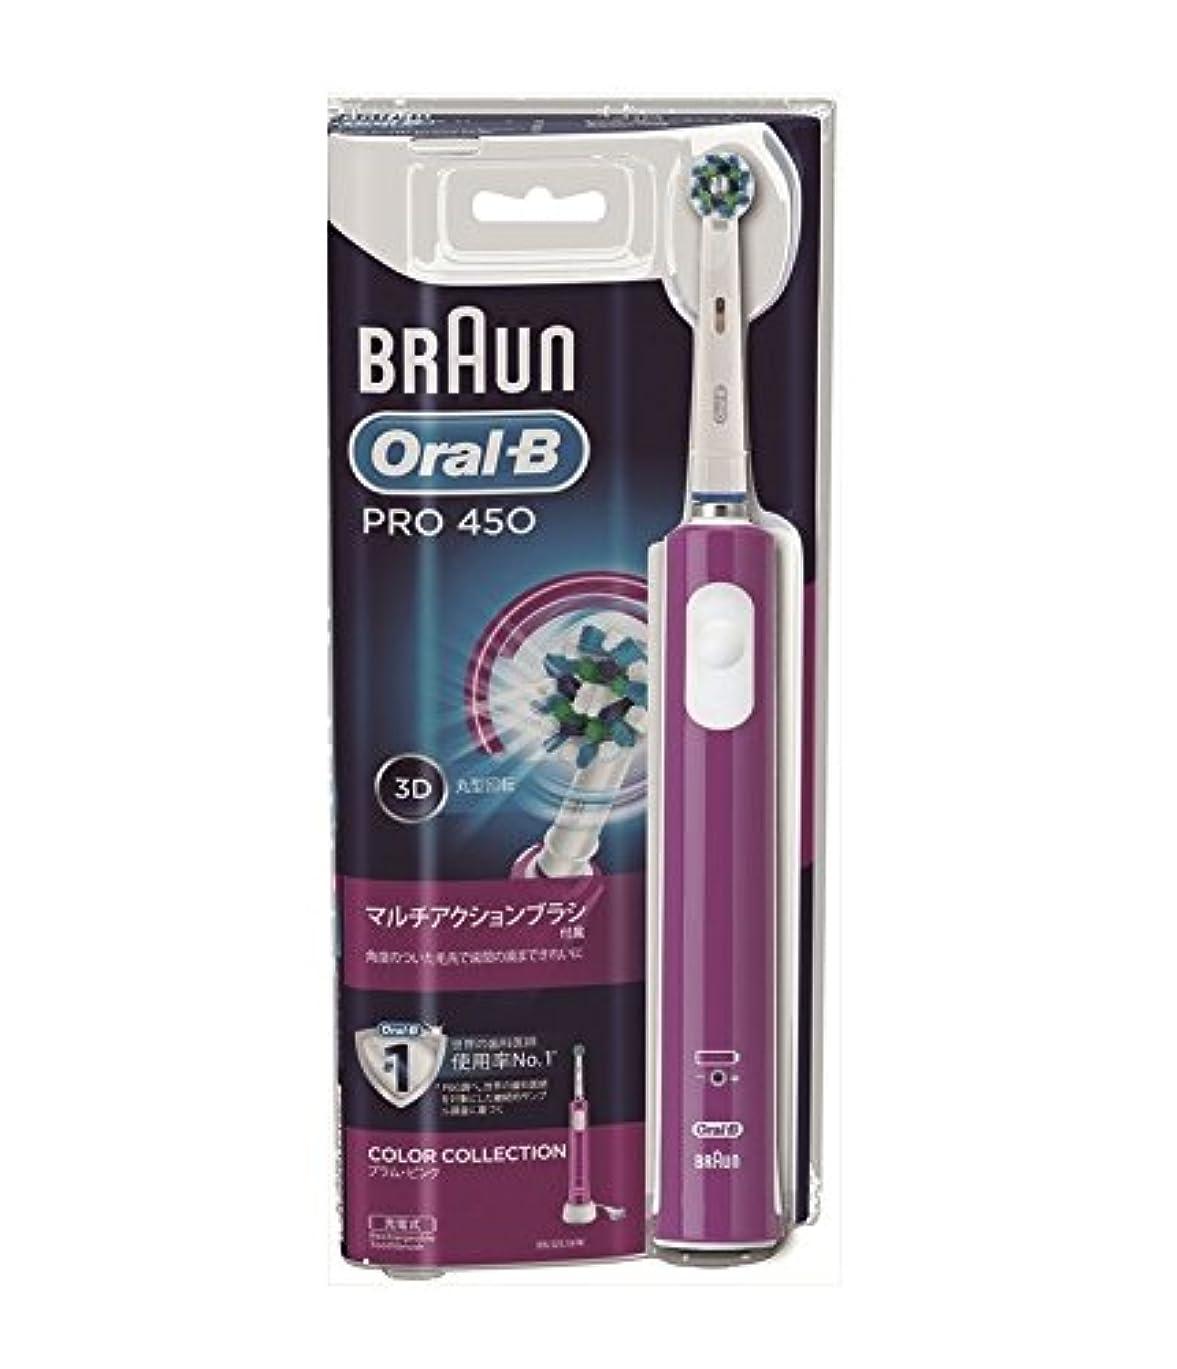 書き出す大統領農業ブラウン オーラルB 電動歯ブラシ PRO450 プラムピンク